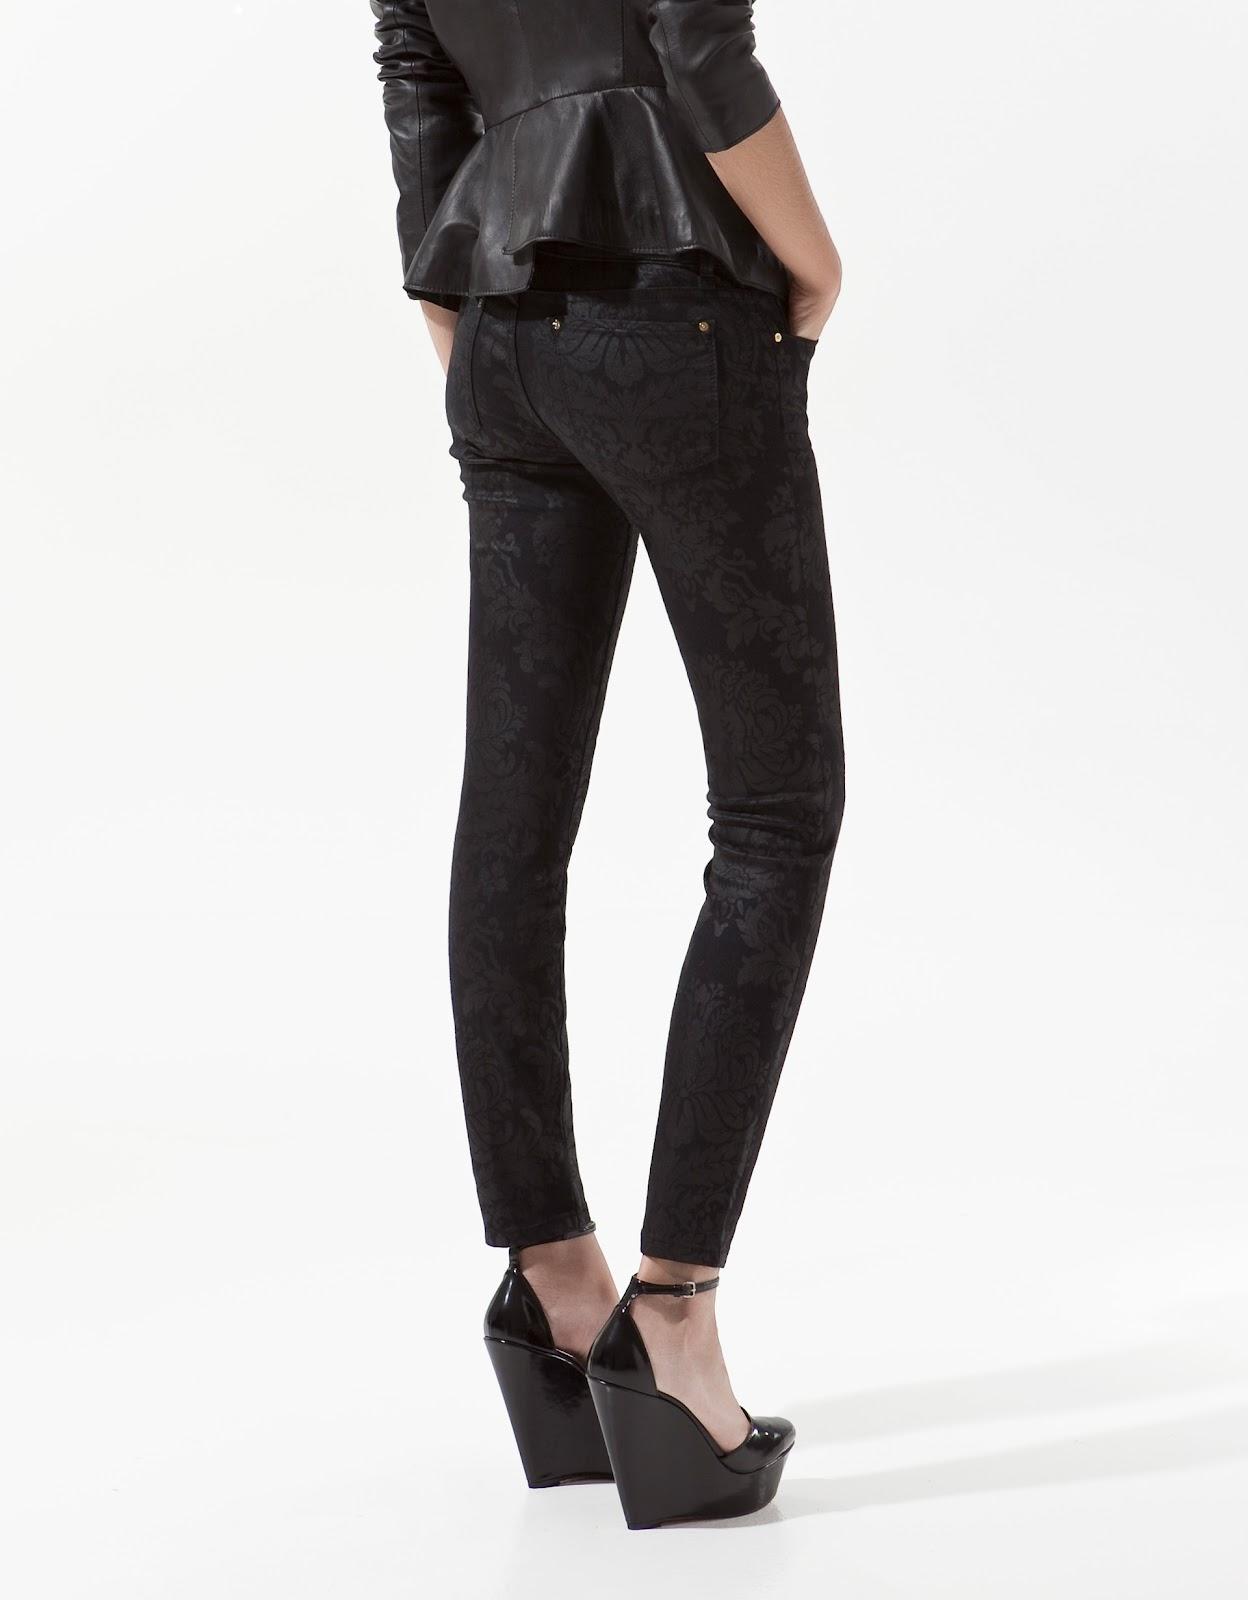 http://4.bp.blogspot.com/-tgJRsWIFOEQ/UAPG4iFCjmI/AAAAAAAAD2o/MKcm4fOrWl0/s1600/zara+wallpaper+jeans+1.jpg